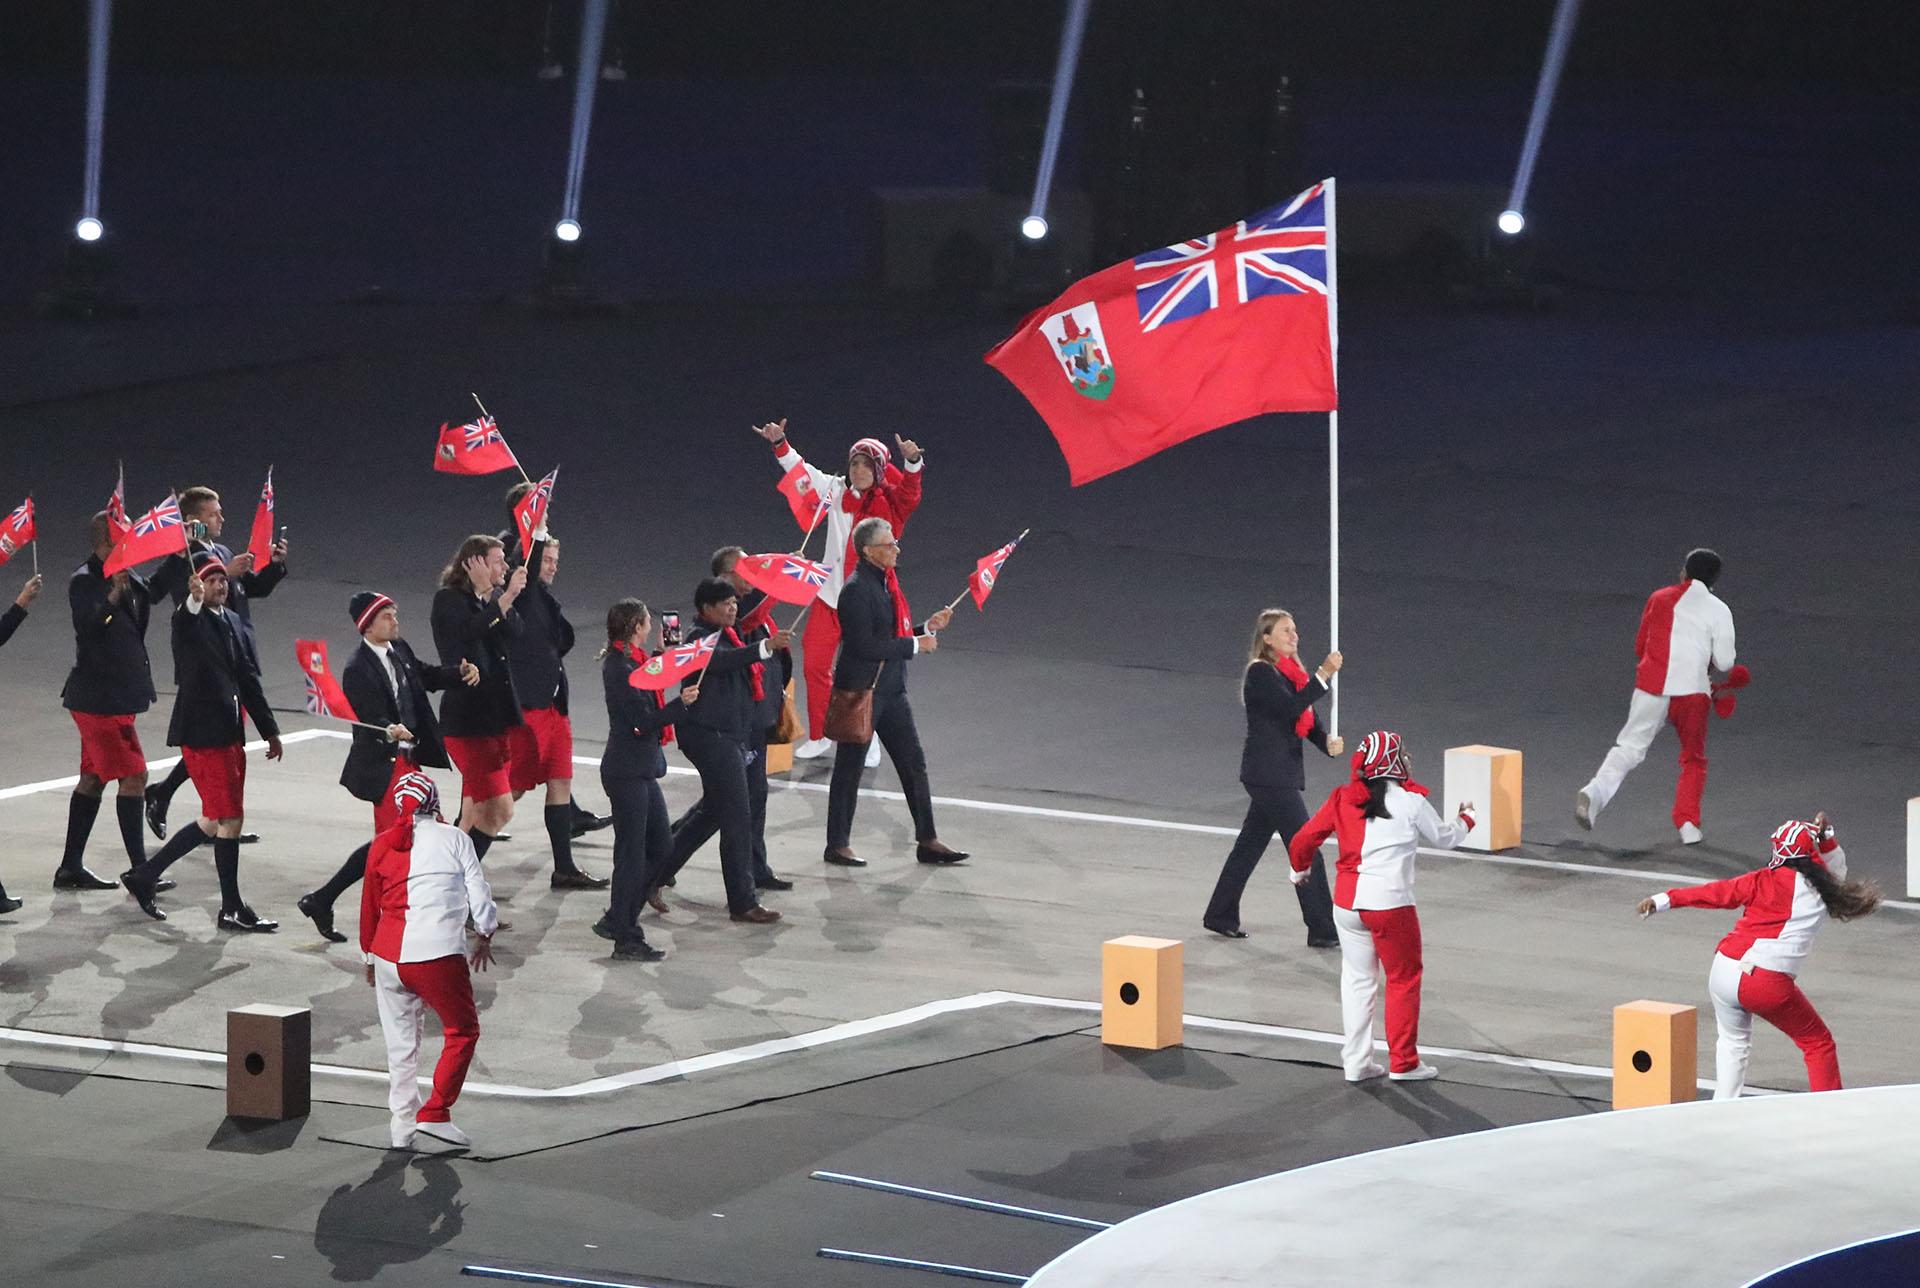 Bermuda desfila en la ceremonia inaugural de los Juegos Panameicanos Lima 2019 (REUTERS/Sergio Moraes)